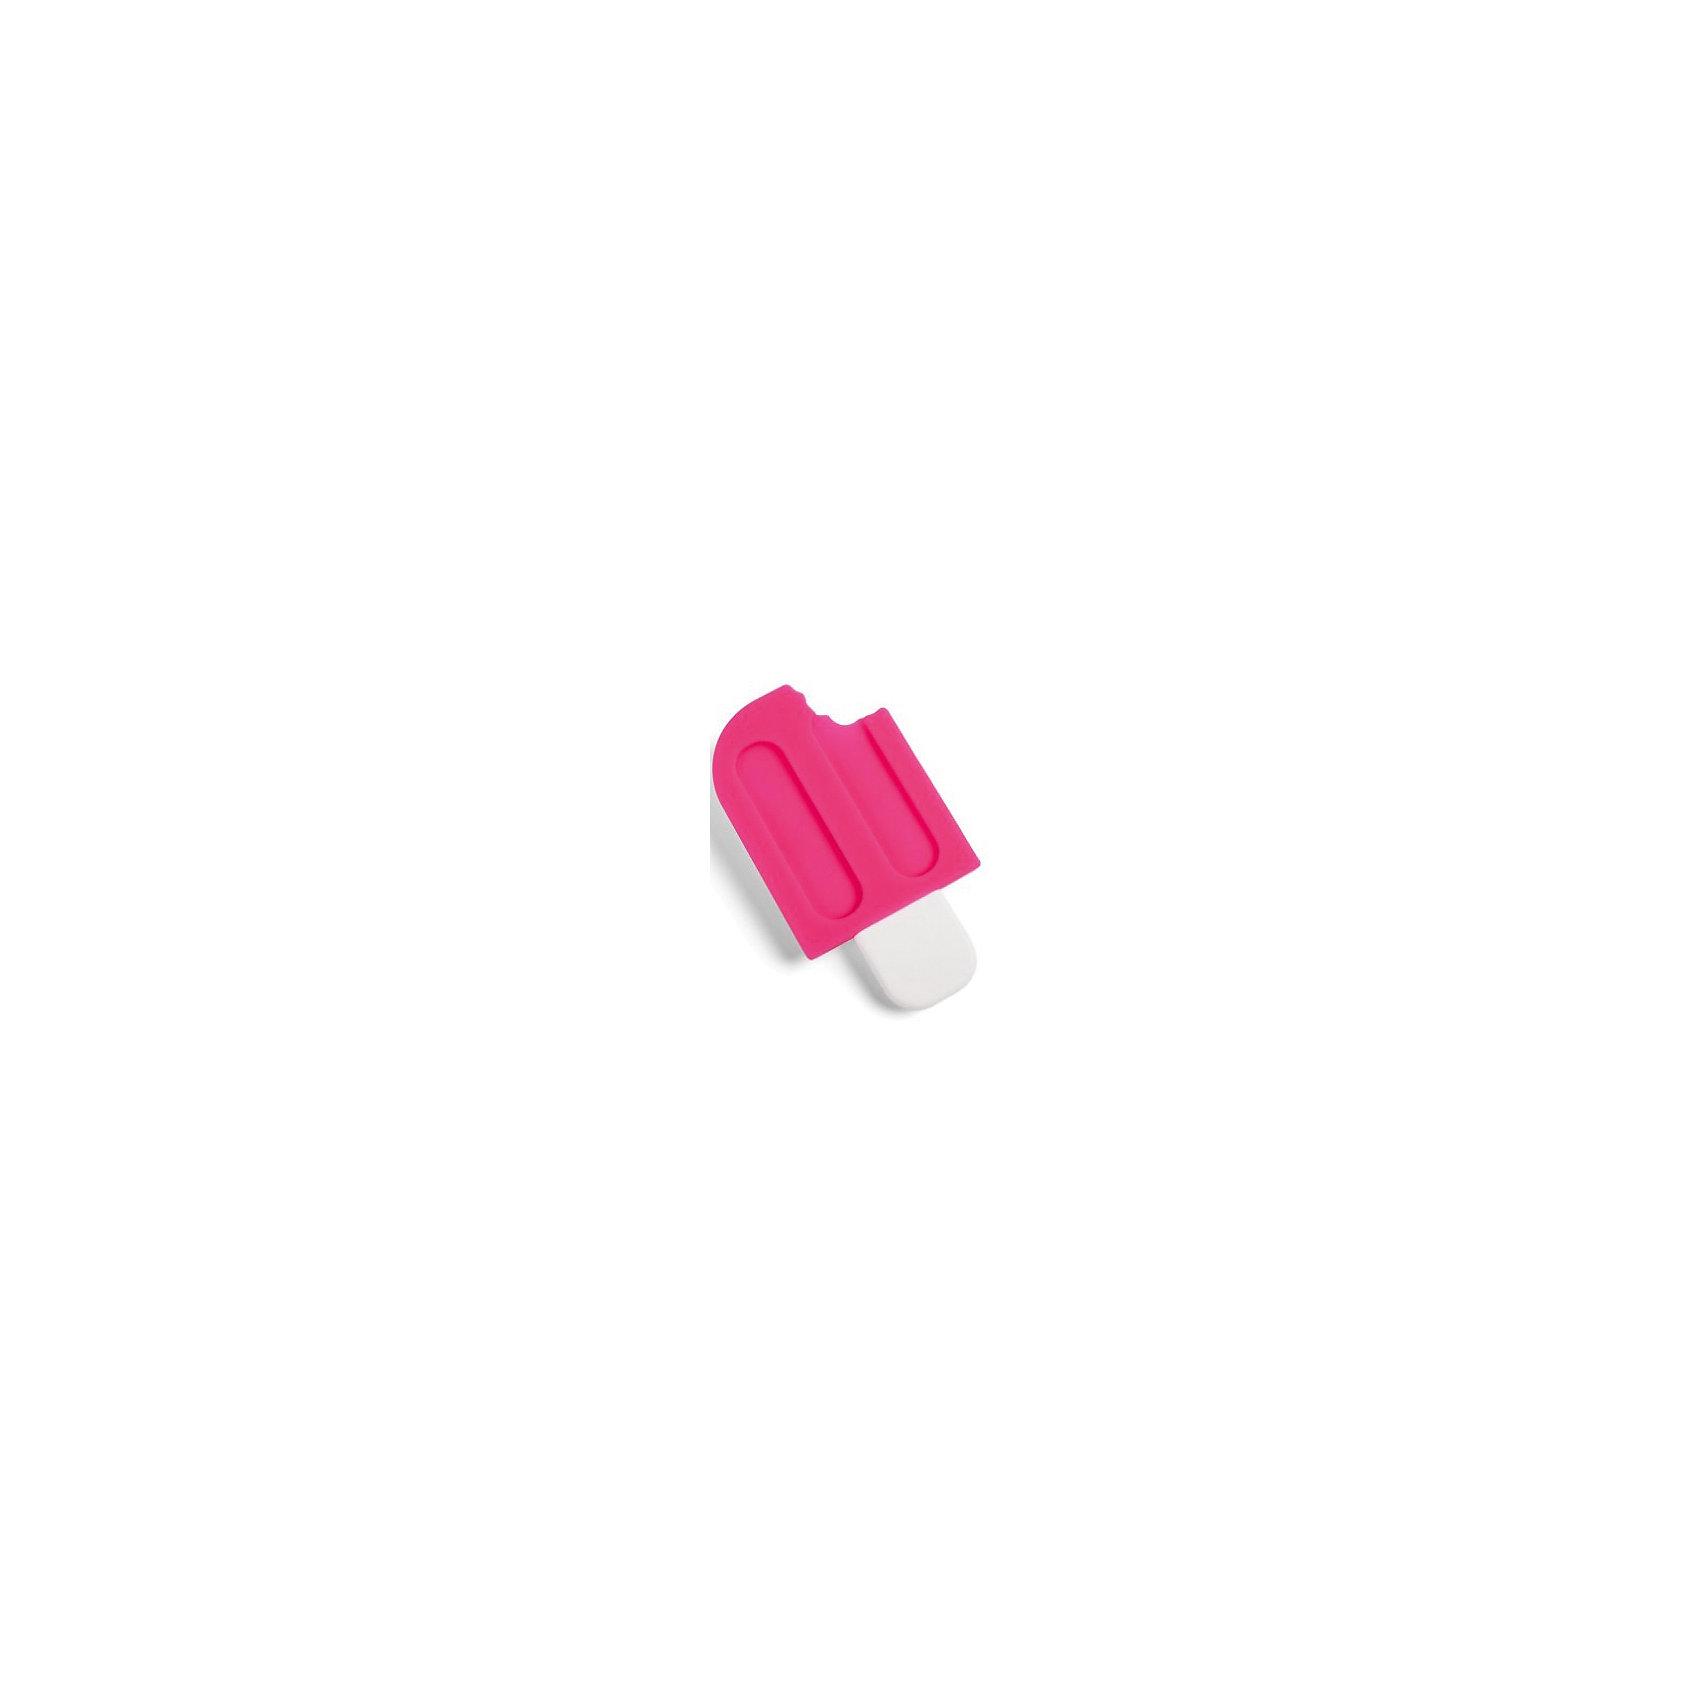 Прорезыватель Cool Pop Teether, Gamago, розовыйПрорезыватель Cool Pop Teether, Gamago, розовый.<br><br>Характеристики:<br>• не содержит бисфенол-А <br>• успокаивает десны при прорезывании зубов <br>• удобная форма для детской ручки<br>• необычный дизайн <br>• материал: 100% силикон<br>• размер: 19х9 см<br>• цвет: розовый<br><br>Прорезыватель Cool Pop Teether, Gamago напомнит вам о жарких летних днях, ведь он выполнен в форме мороженое, кусочек которого, кажется, кто-то откусил. Прорезыватель изготовлен из качественных материалов, не содержит бисфенол-А и полностью безопасен для крохи. Удобная форма прорезывателя позволит малышу держать его самостоятельно. Позаботьтесь о деснах крохи с необычным прорезывателем!<br><br>Прорезыватель Cool Pop Teether, Gamago, розовый вы можете купить в нашем интернет-магазине.<br><br>Ширина мм: 90<br>Глубина мм: 100<br>Высота мм: 180<br>Вес г: 38<br>Возраст от месяцев: 3<br>Возраст до месяцев: 36<br>Пол: Женский<br>Возраст: Детский<br>SKU: 5068751